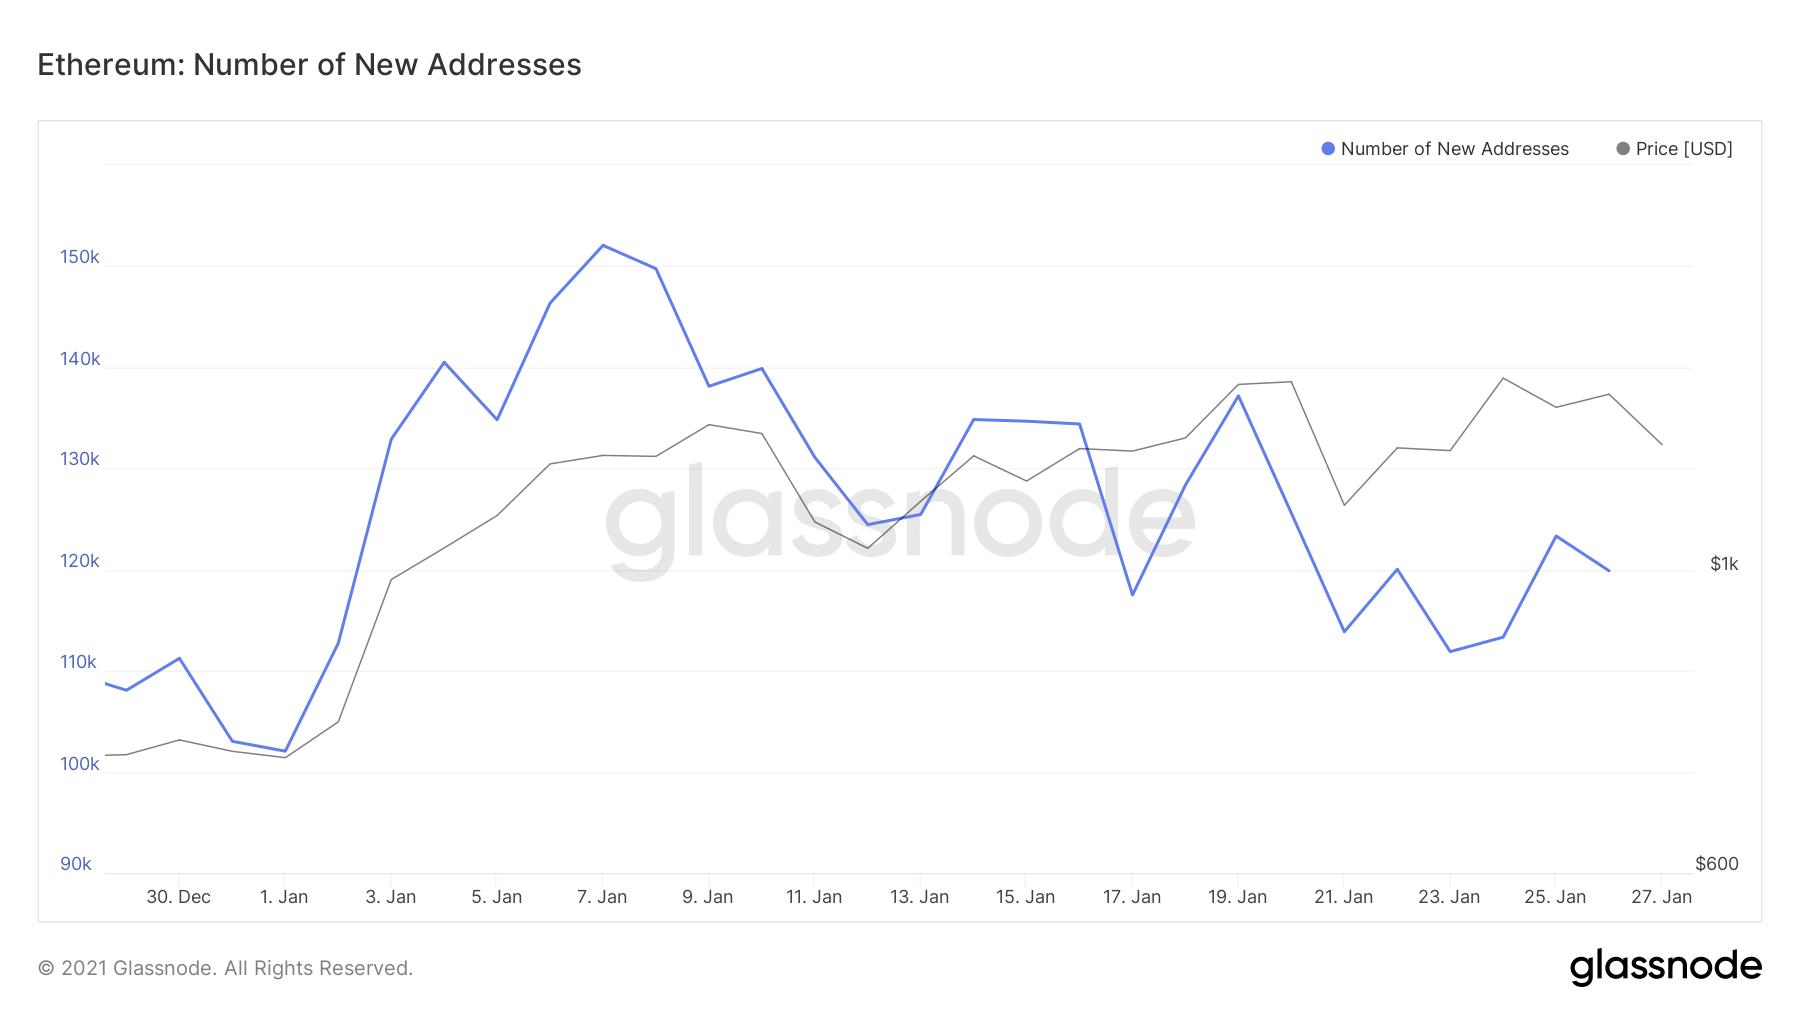 Number of New Ethereum Addresses by Glassnode